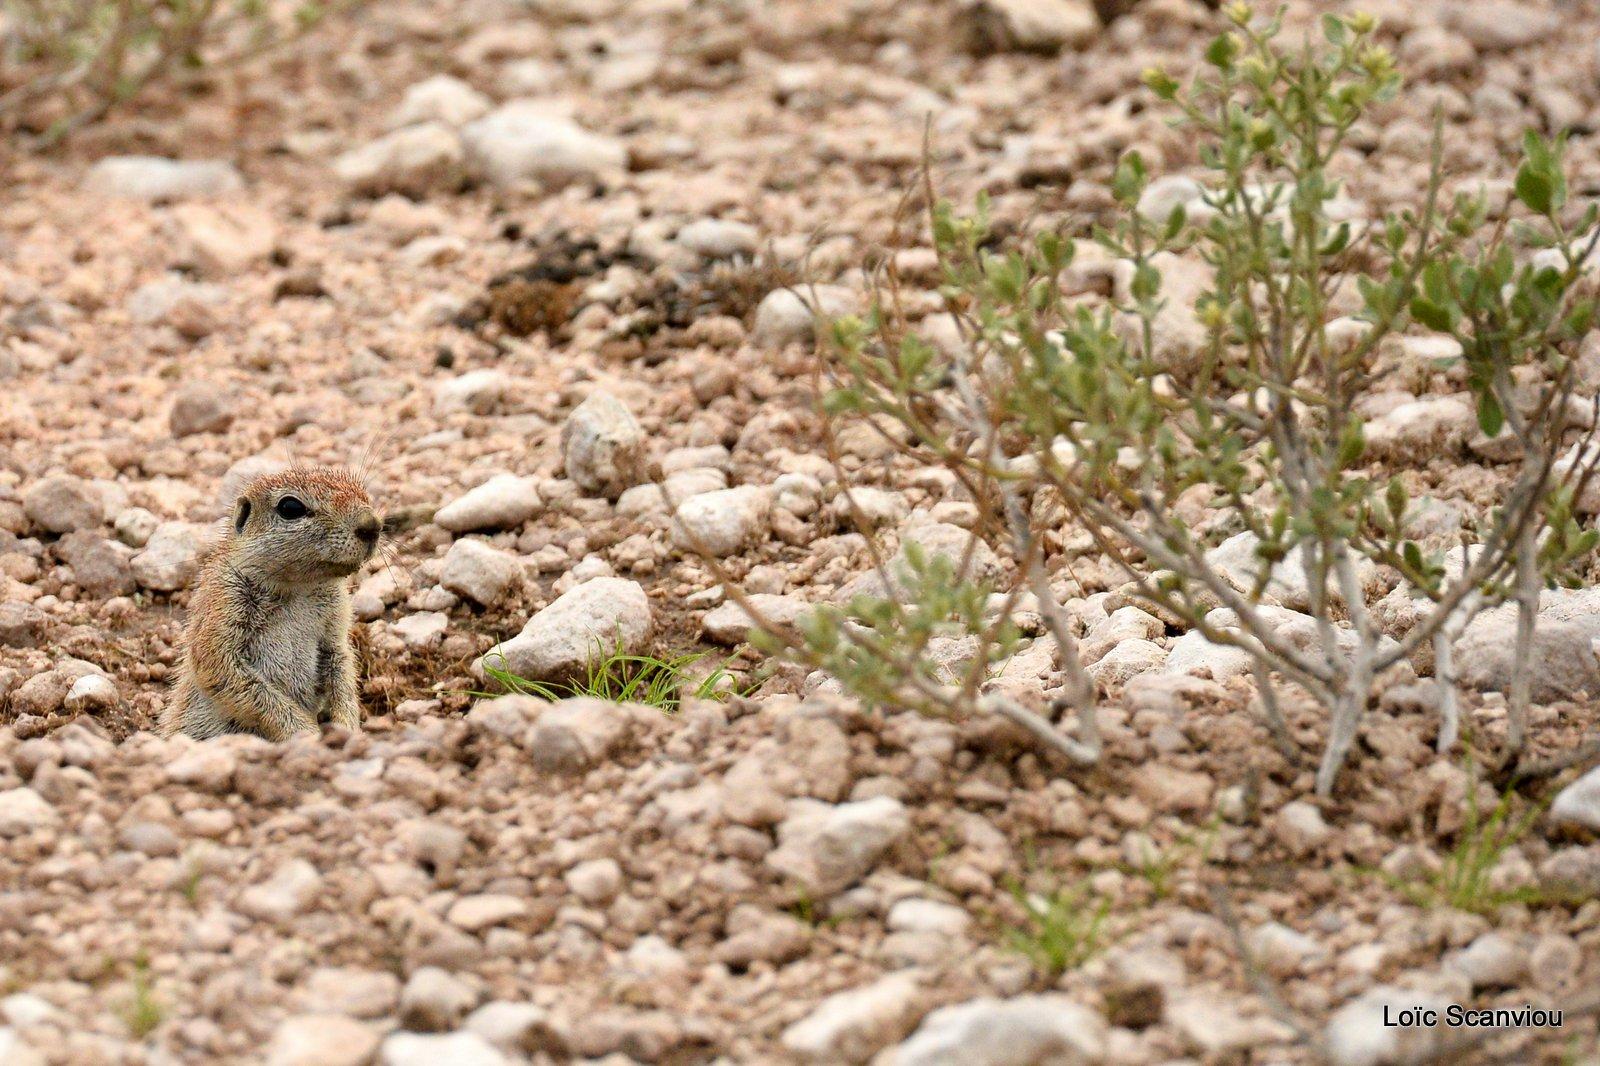 Écureuil terrestre du Cap/Cape Ground Squirrel (2)